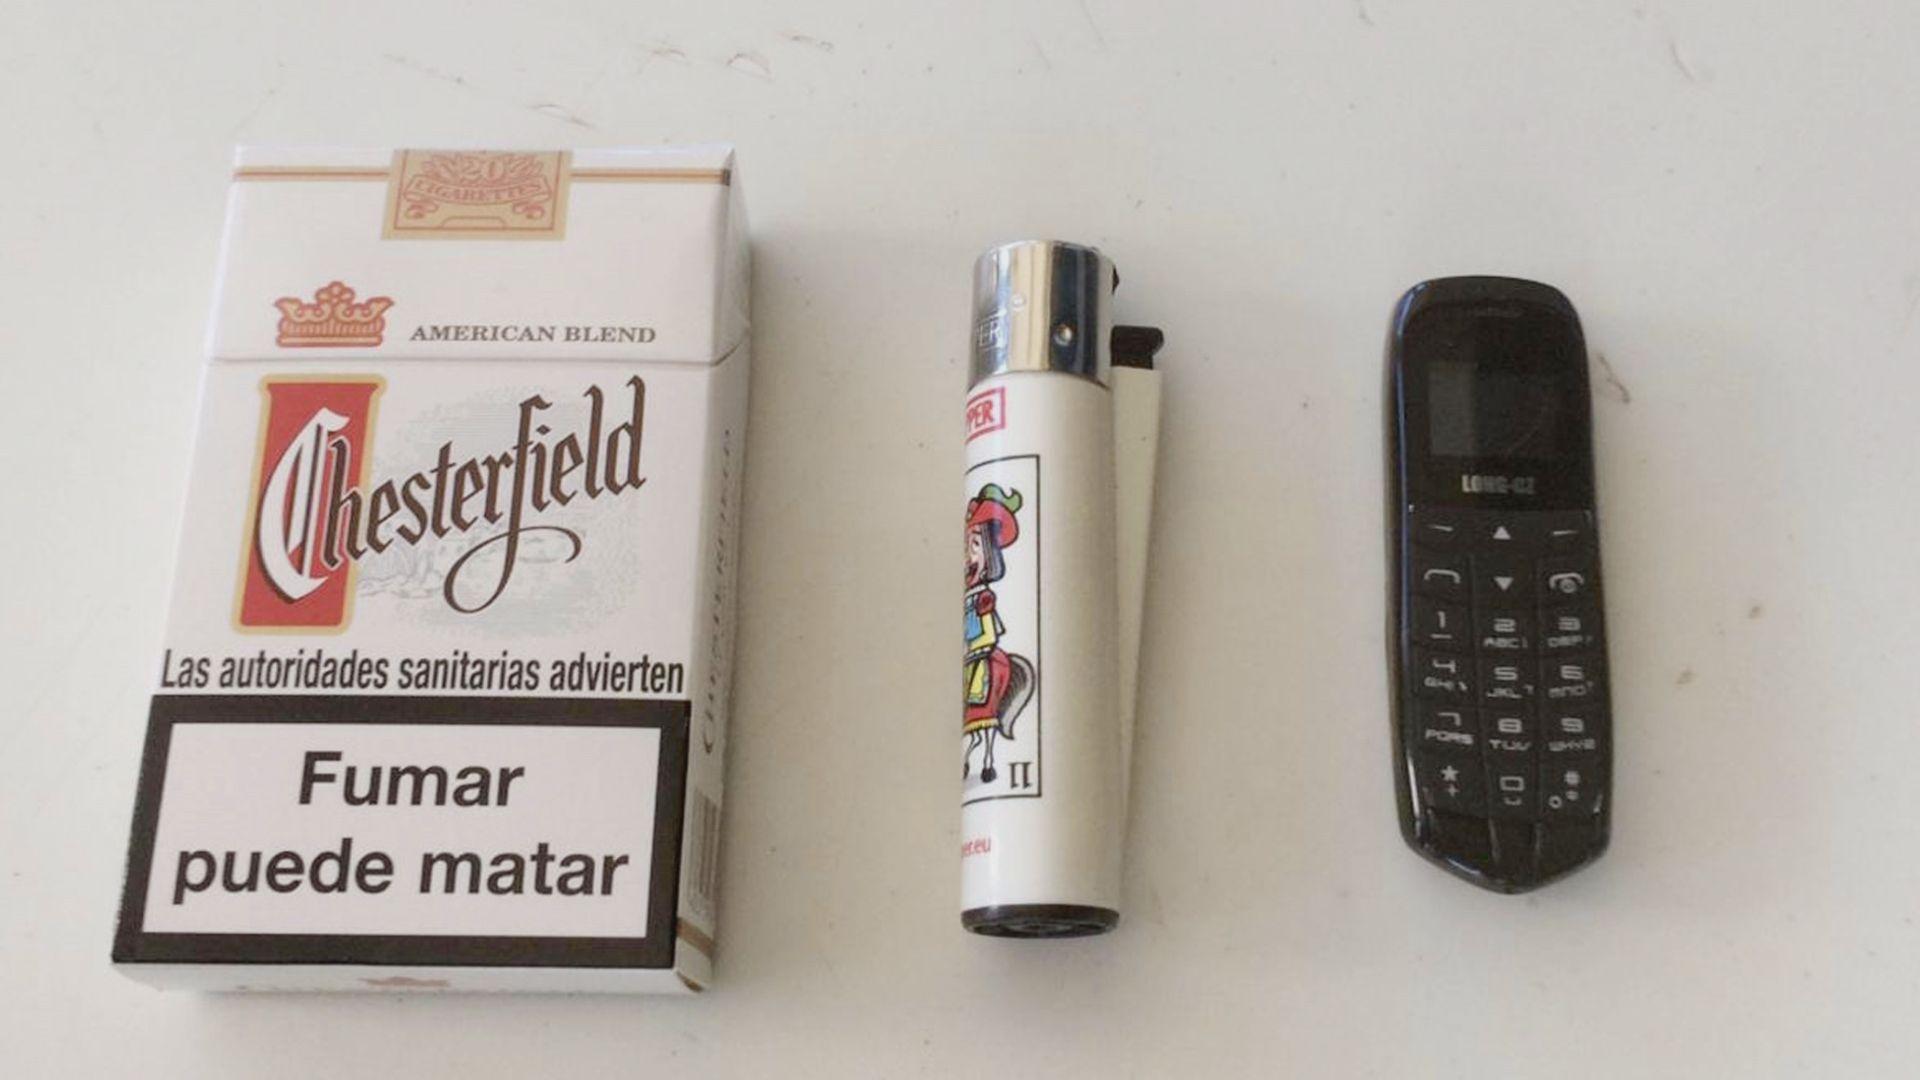 Los objetos más curiosos incautados en las cárceles gallegas.Máquina de tatuar casera incautada en Teixeiro